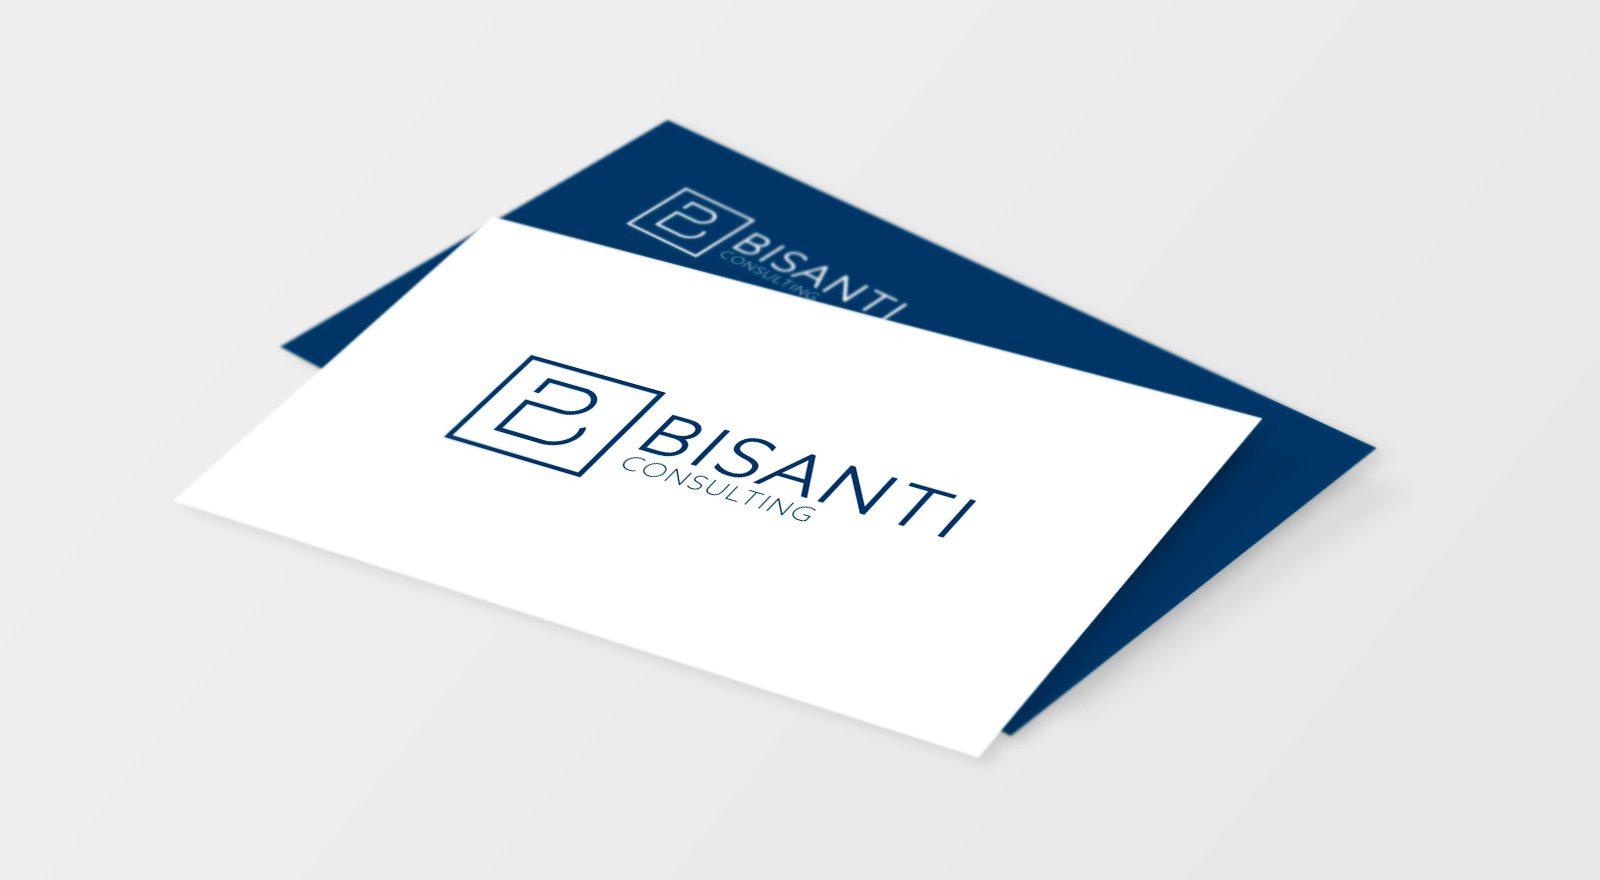 Visitenkarten Designen Lassen Warum Bei Einer Designagentur